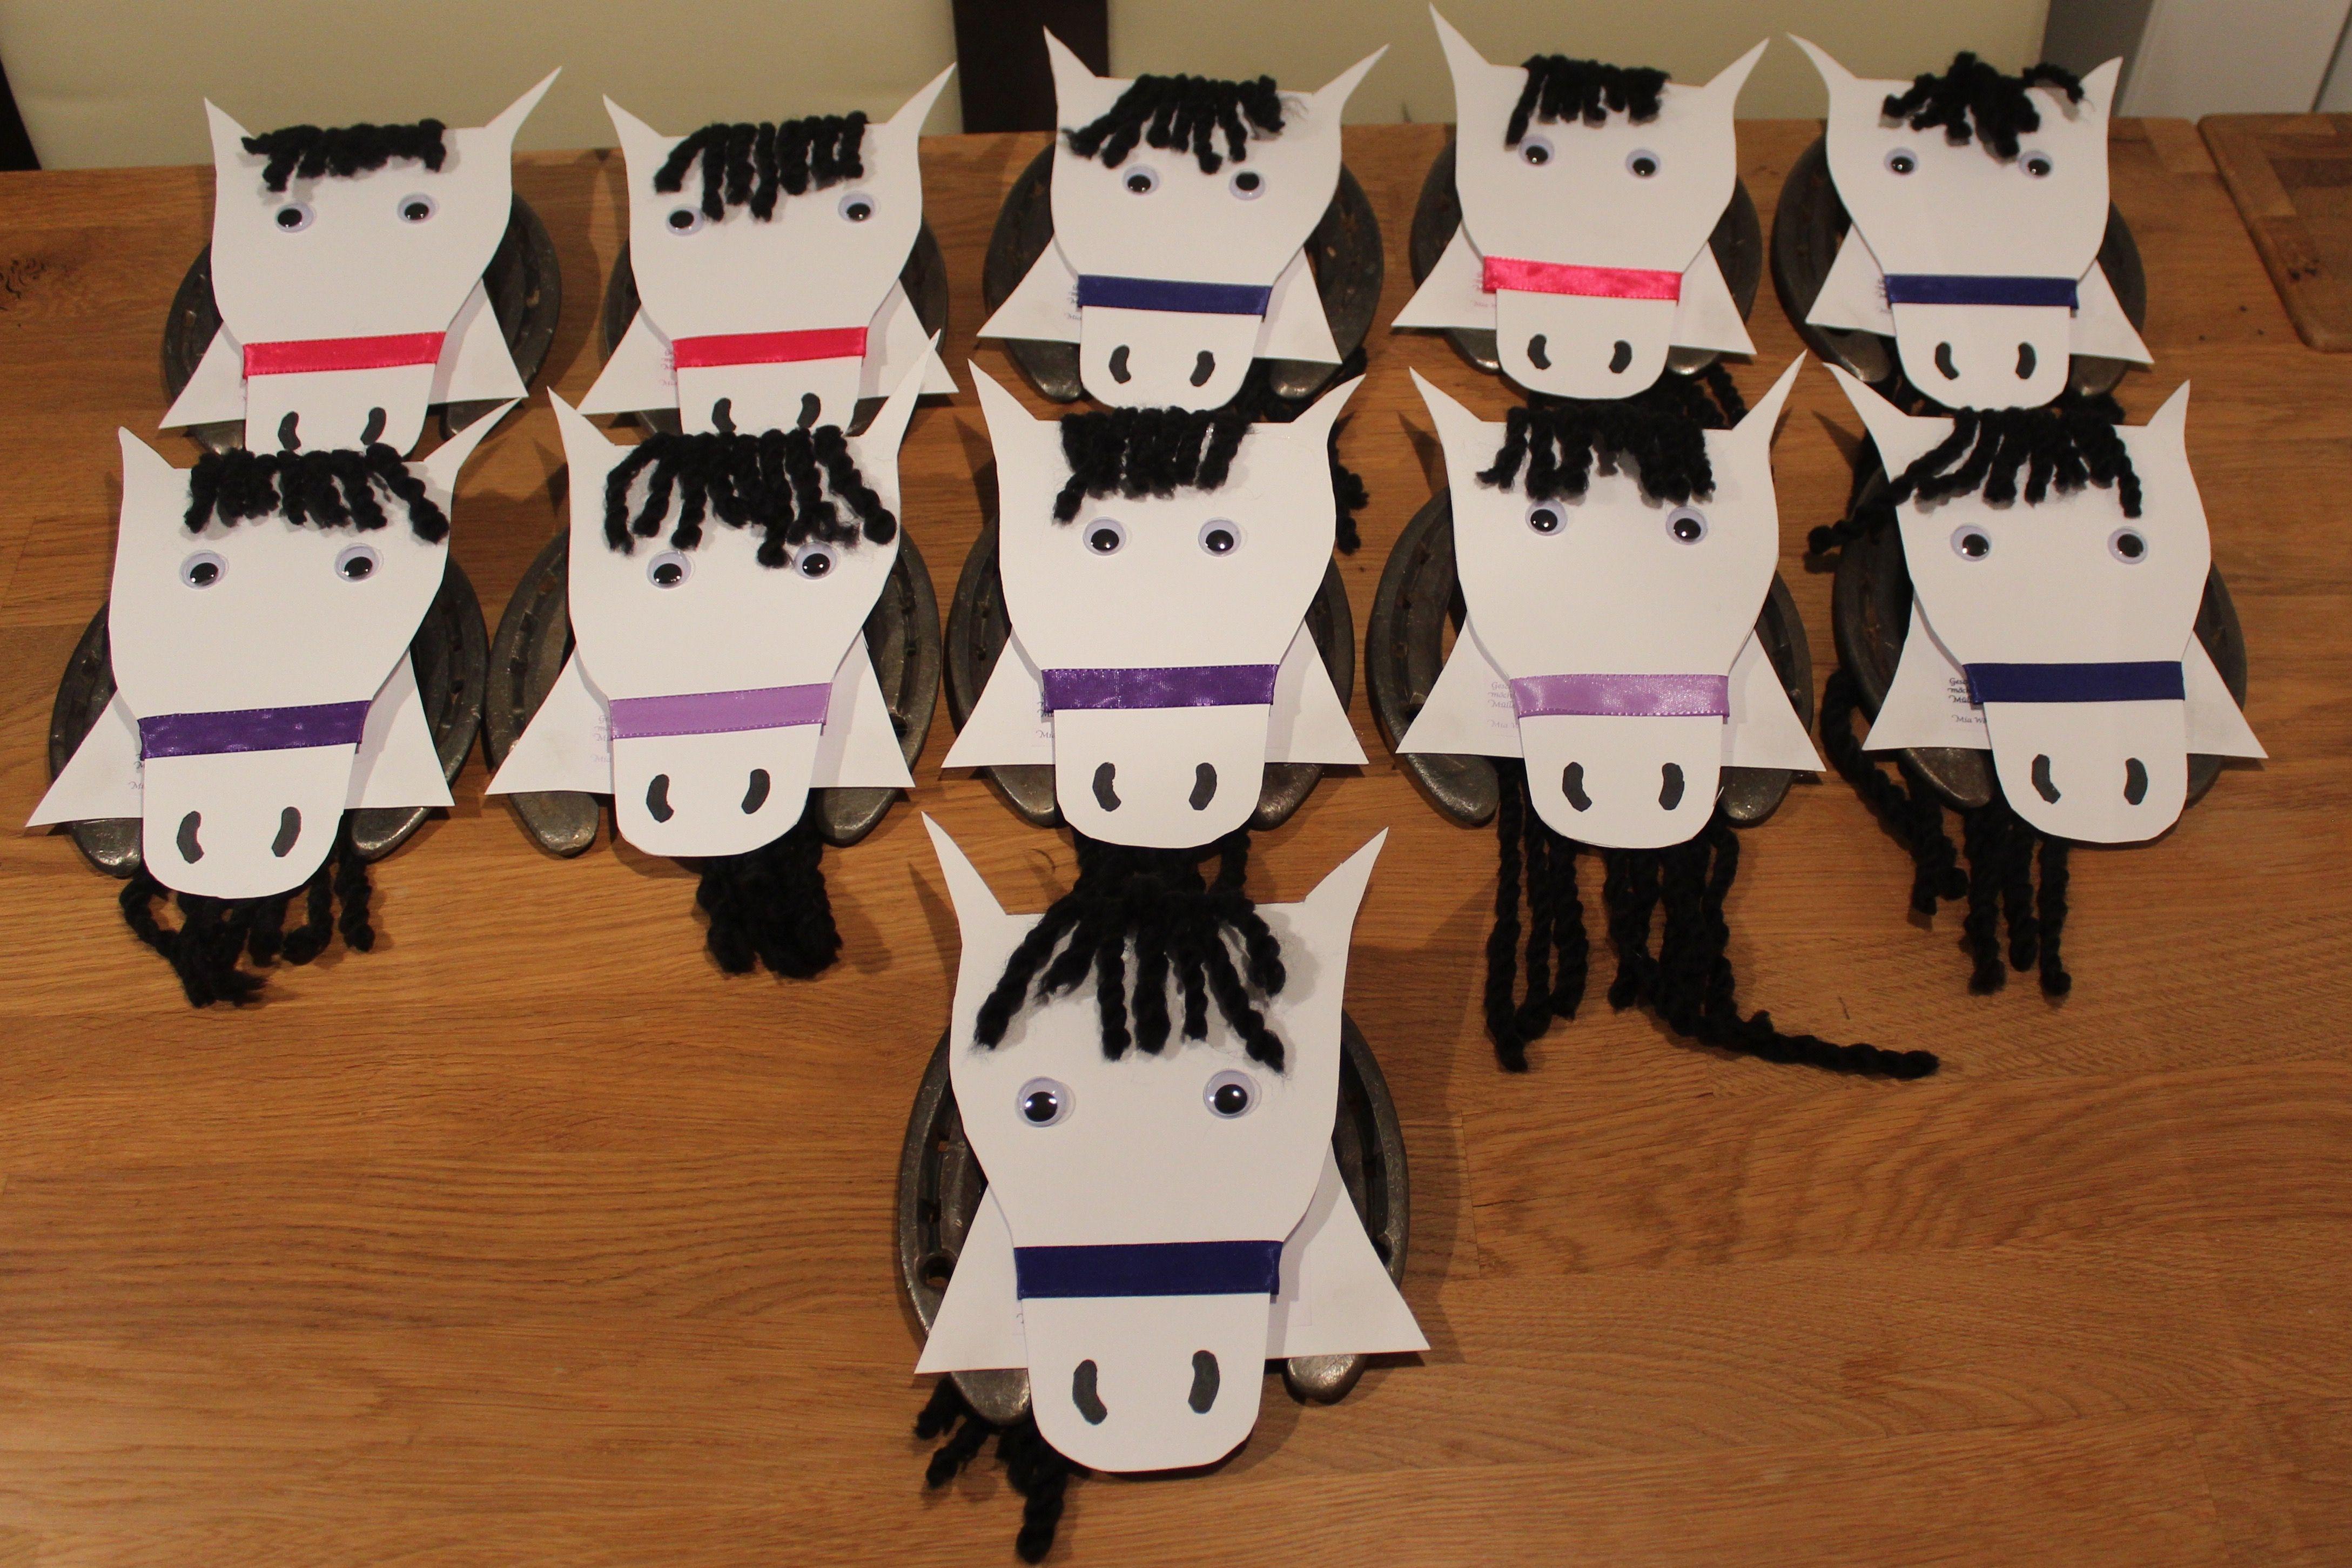 Unsere einladung zu mia 39 s pferdeparty wir haben echte for Hufeisen basteln